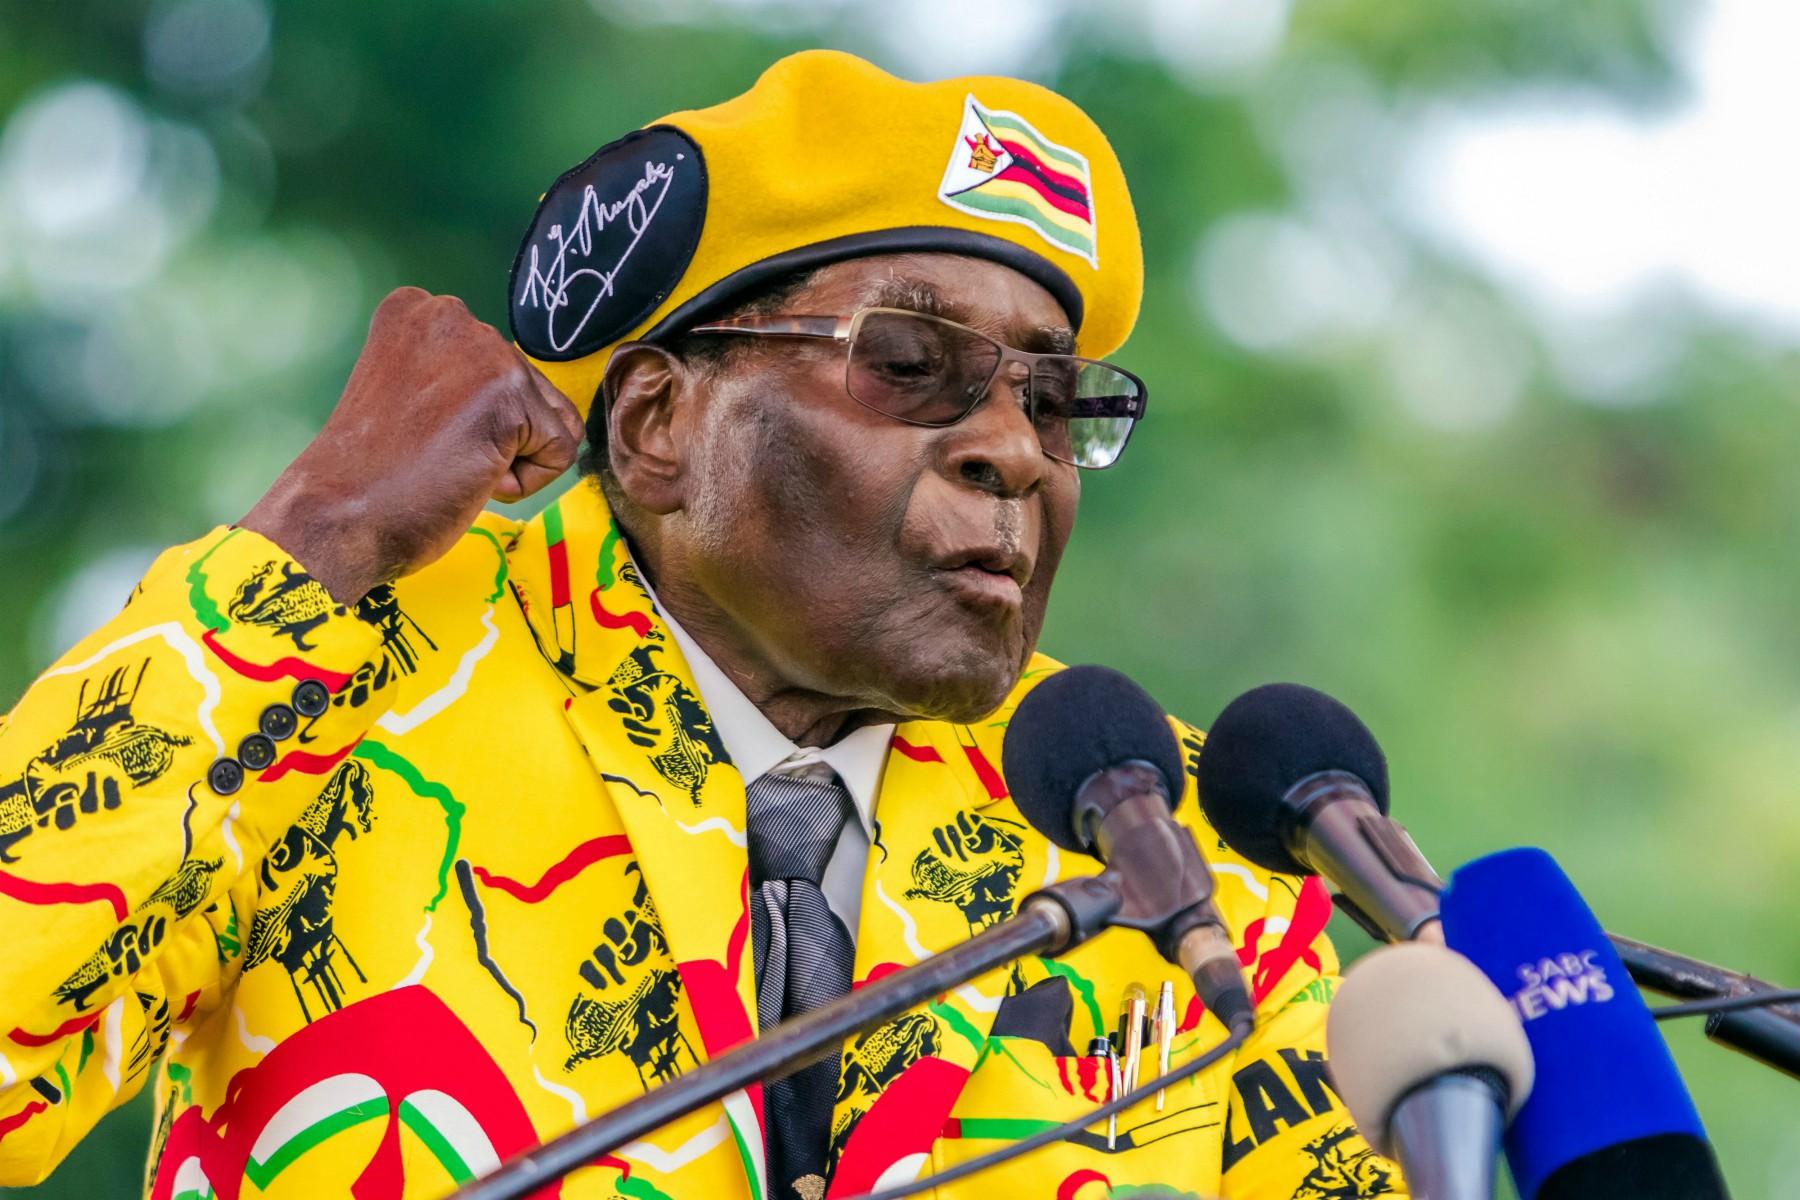 Morto Robert Mugabe Ex presidente dello Zimbabwe